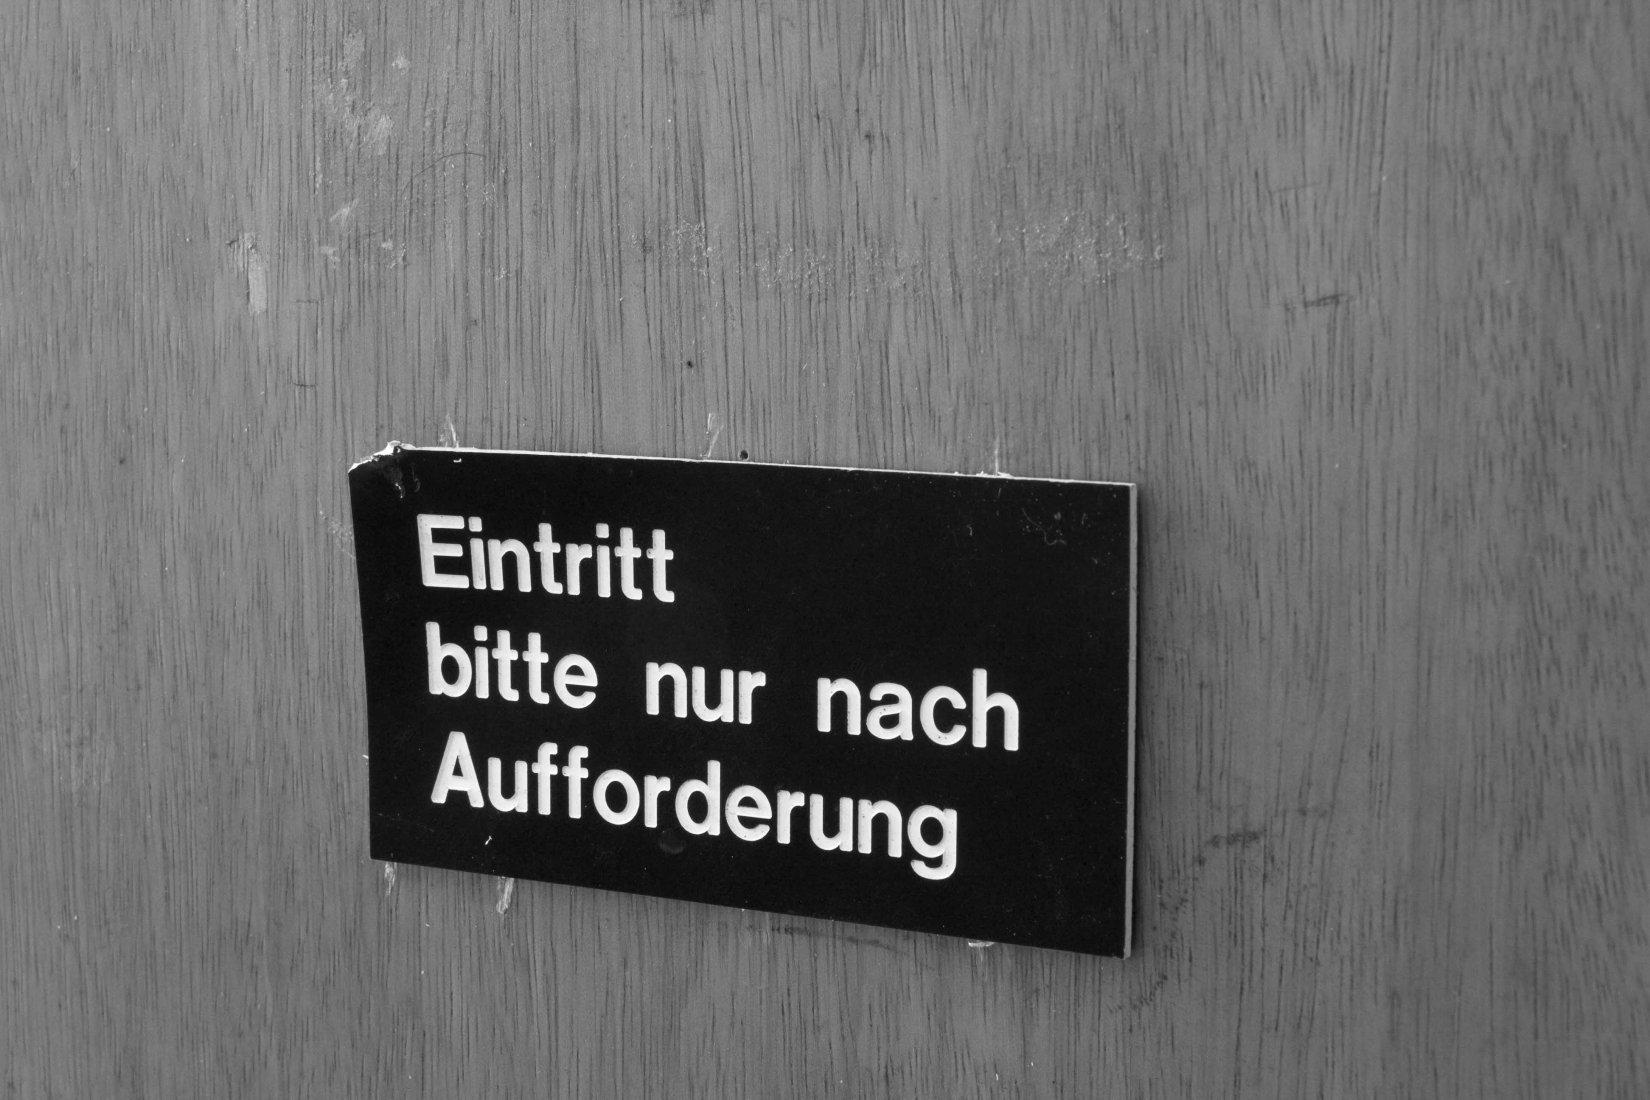 20110729 dnlboberg 9368 1650x1100 Hotel Weserbergland So richtig zum Wohlfühlen II